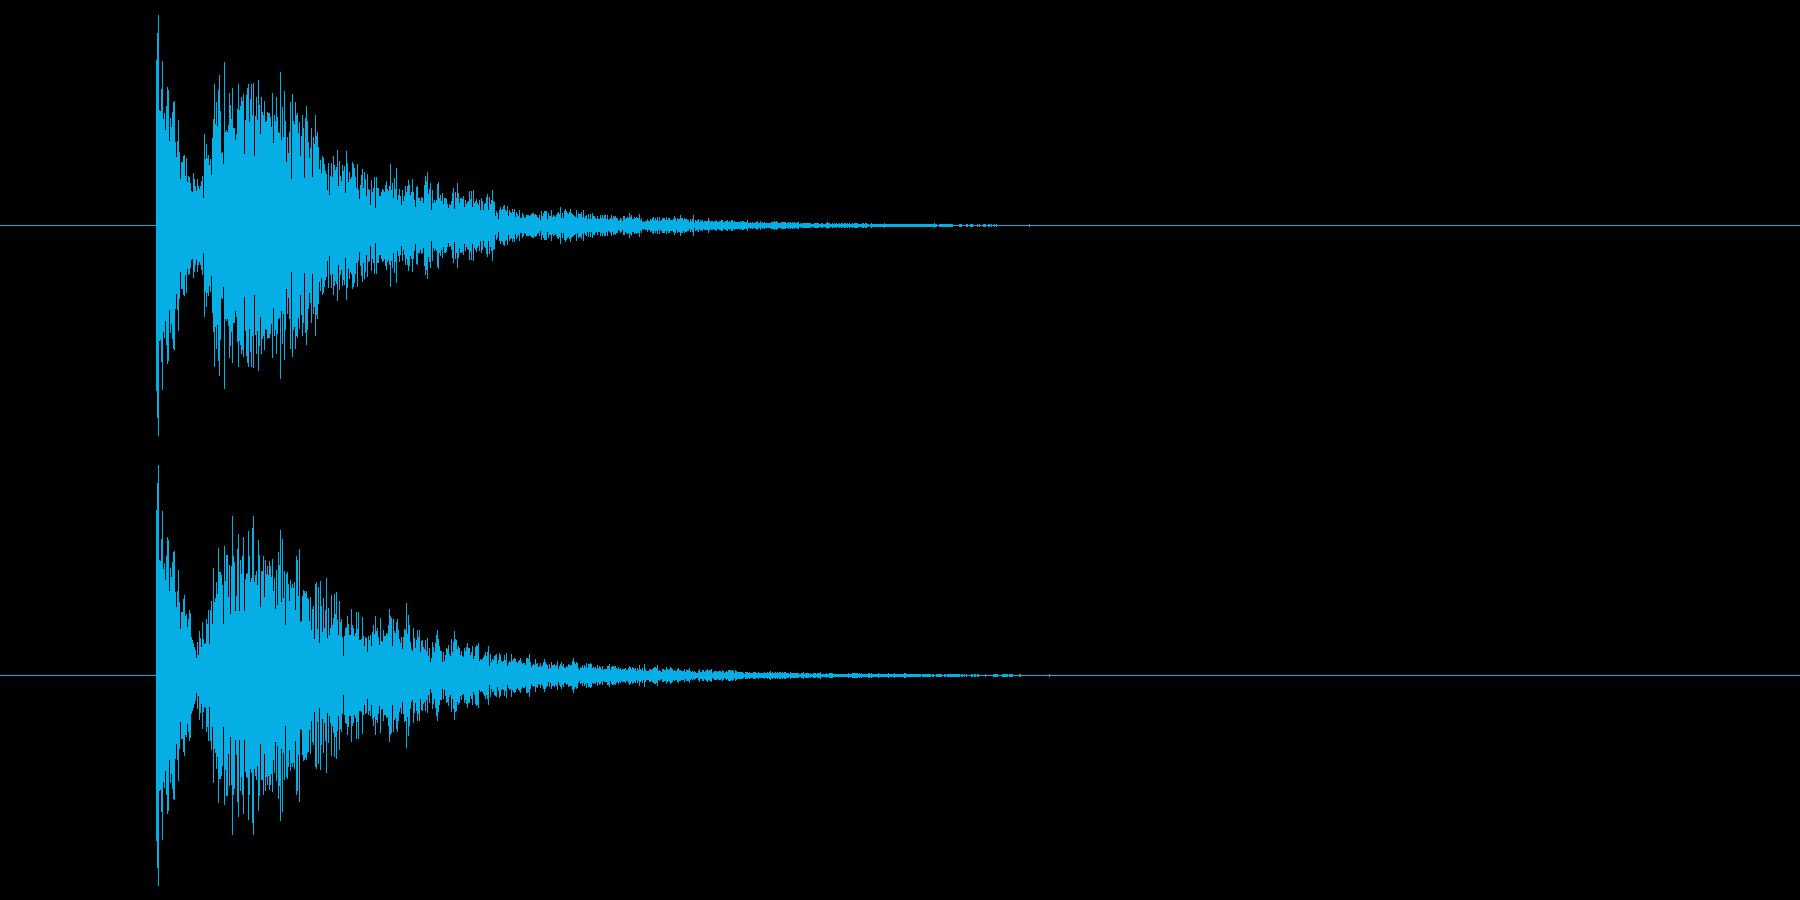 金属系の物音(ホラー系)の再生済みの波形